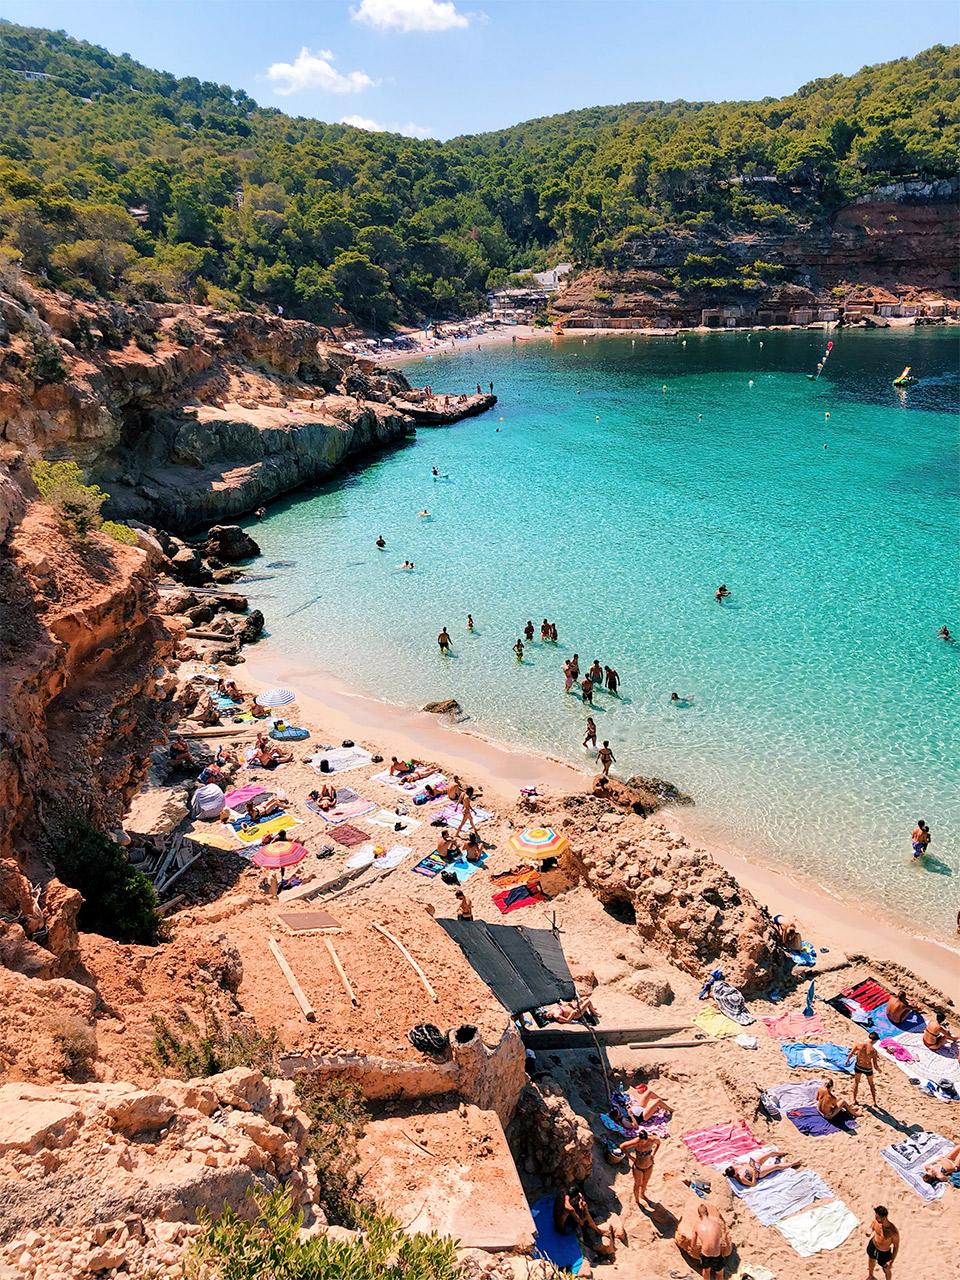 que-visitar-en-Ibiza-que-playas-y-calas-visitar-en-Ibiza-tips-par-viajar-a-Ibiza